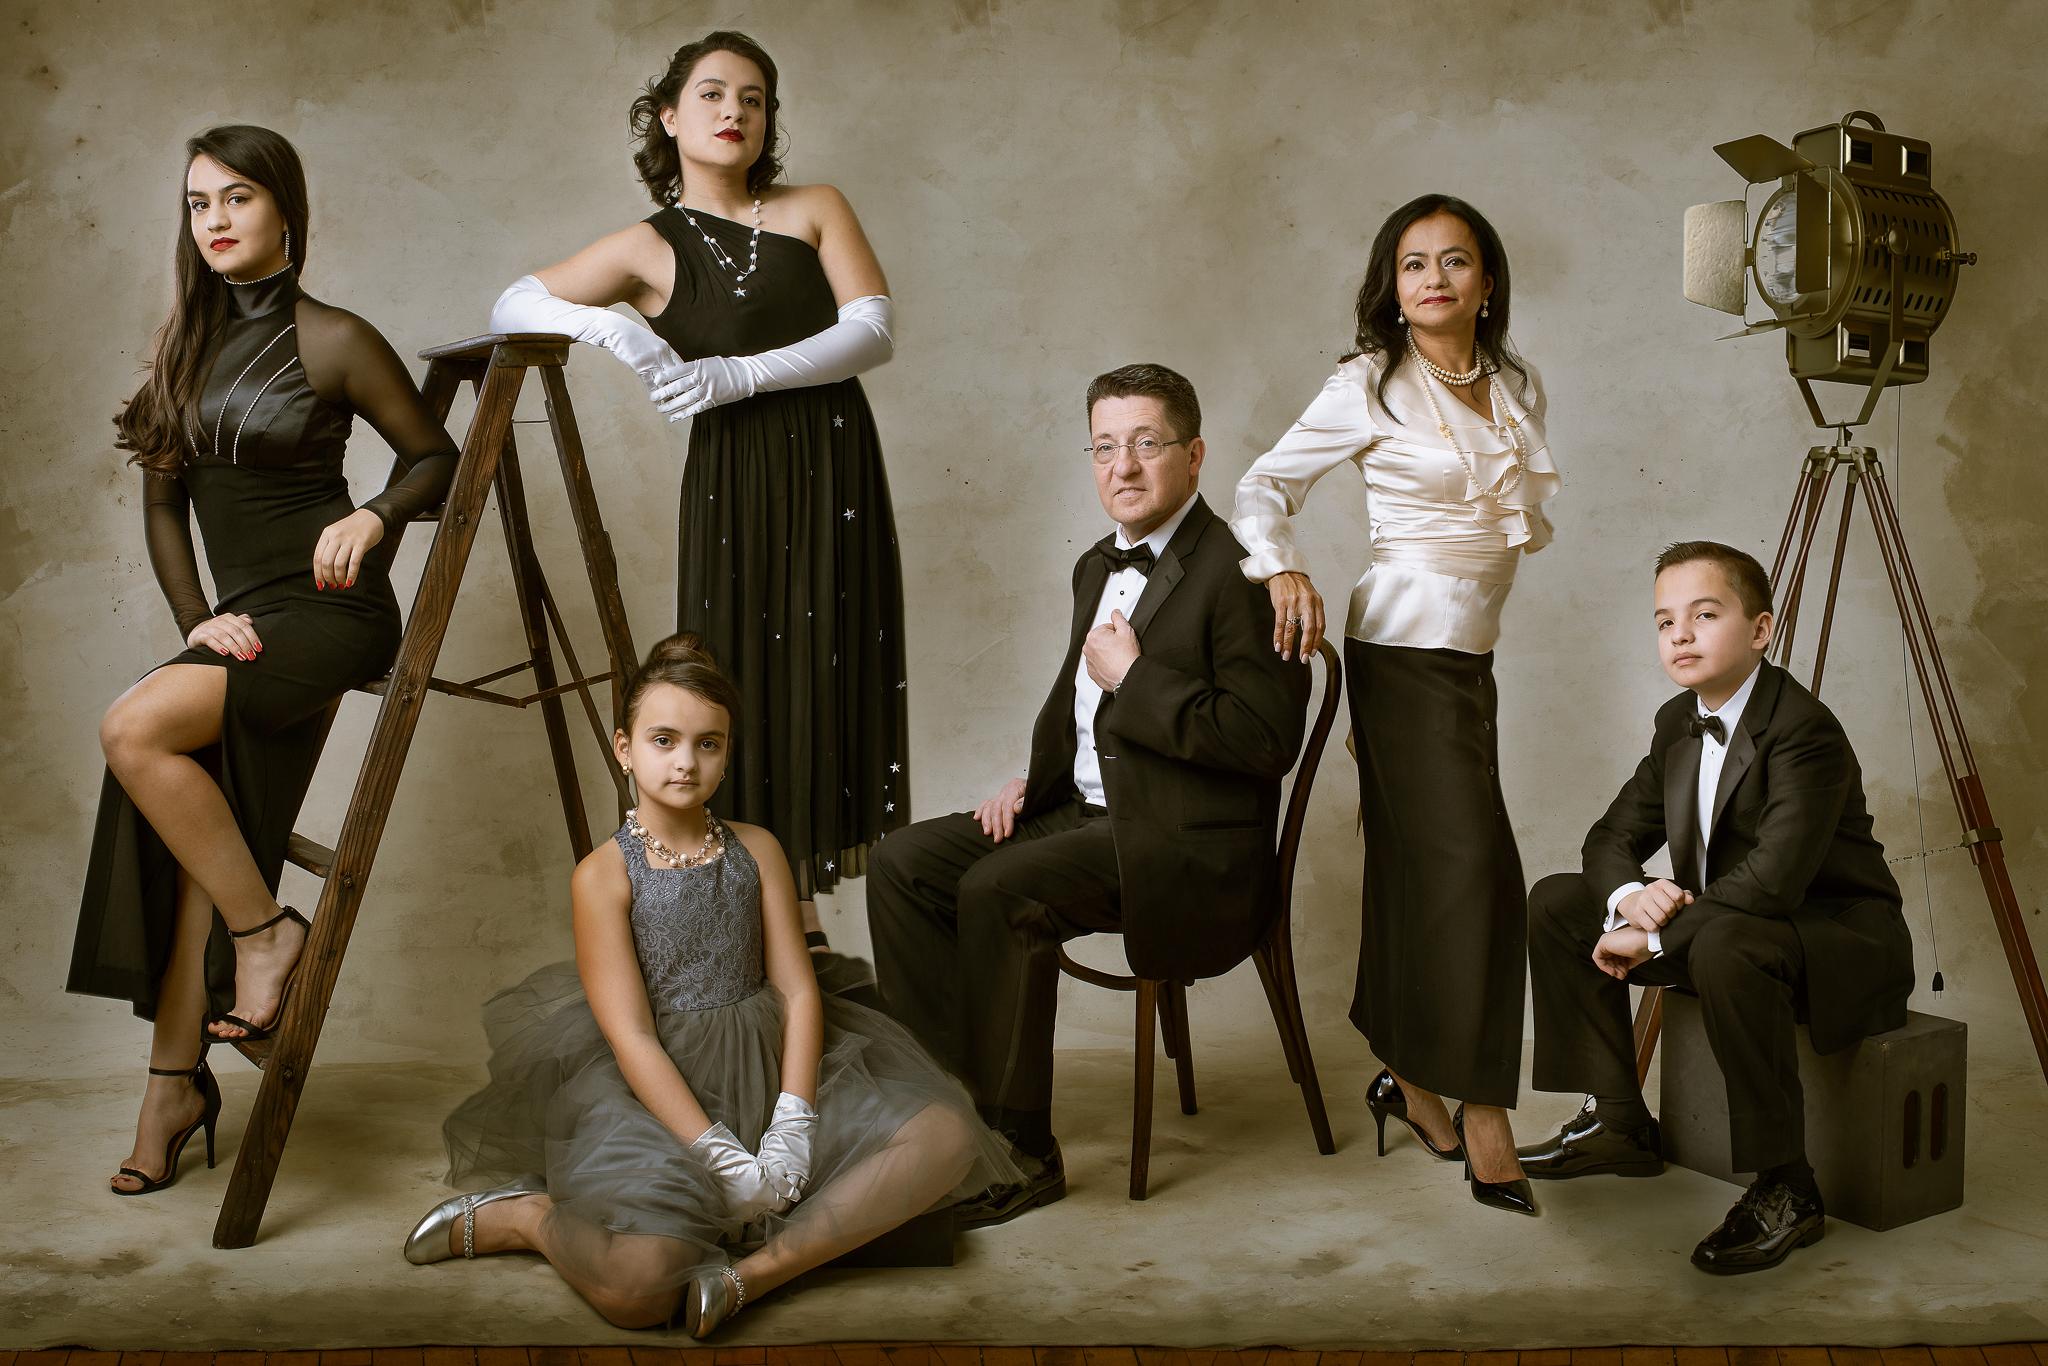 Vanity fair_oscars_family_portrait_chicago